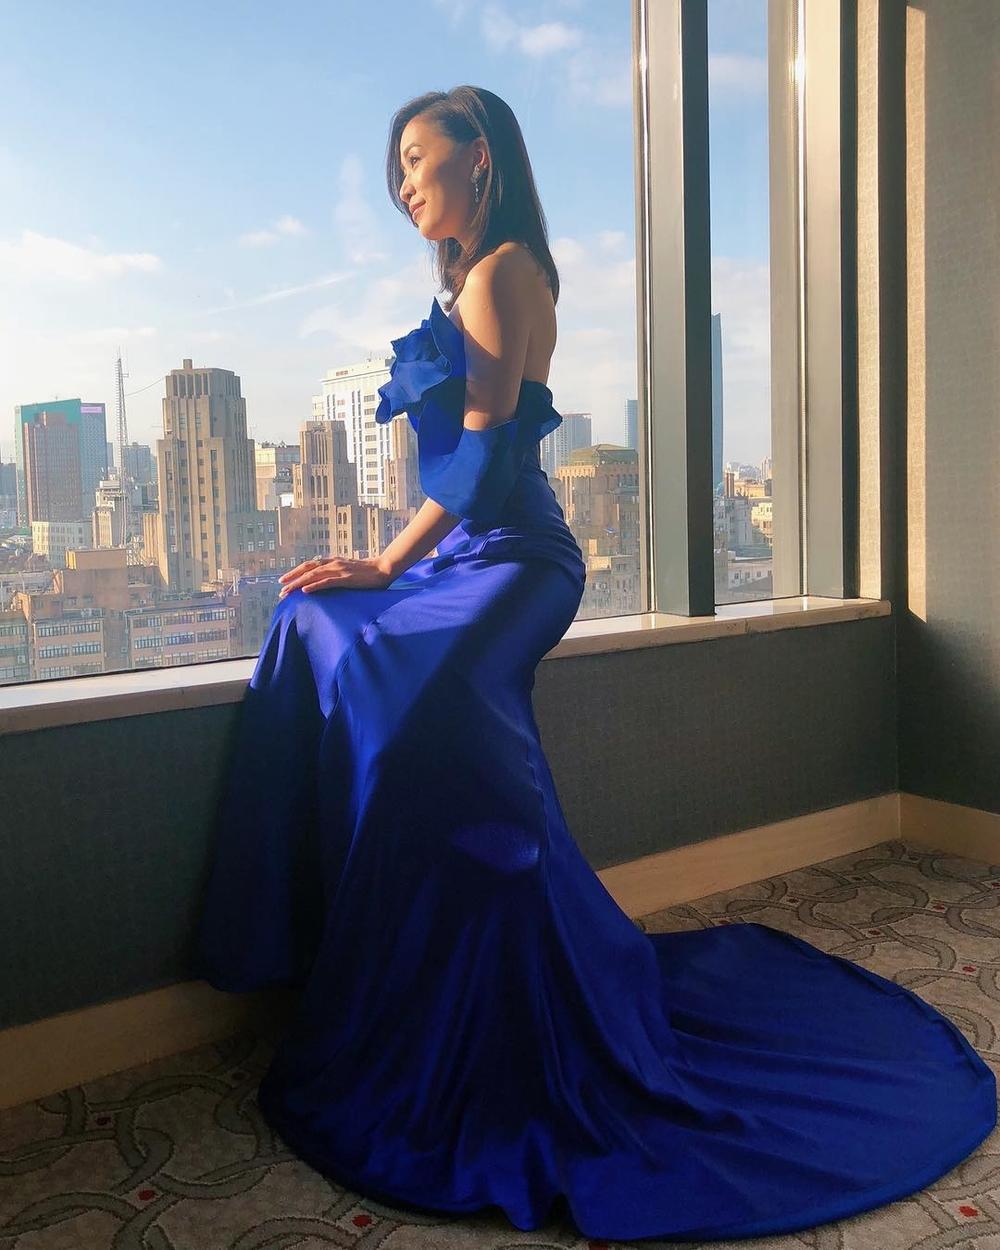 Chiêm ngưỡng nhan sắc đã bước qua tuổi U50 của diễn viên TVB Xa Thi Mạn